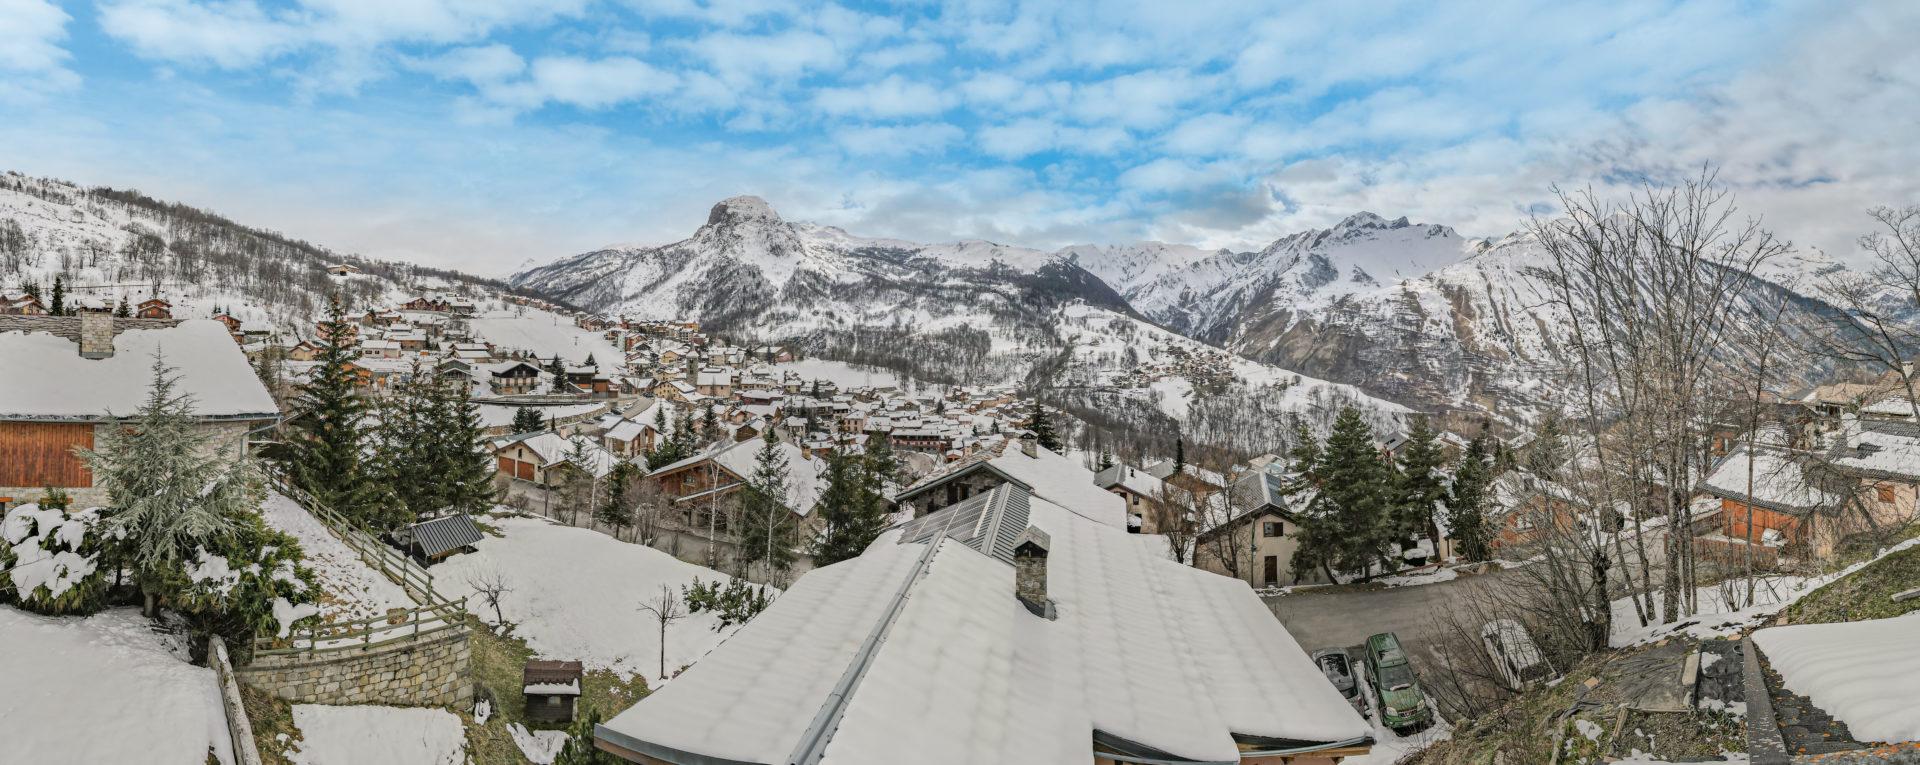 Les Chalets Panoramiques - Panorama - Saint Martin de Belleville - 3 Vallées - Savoie France